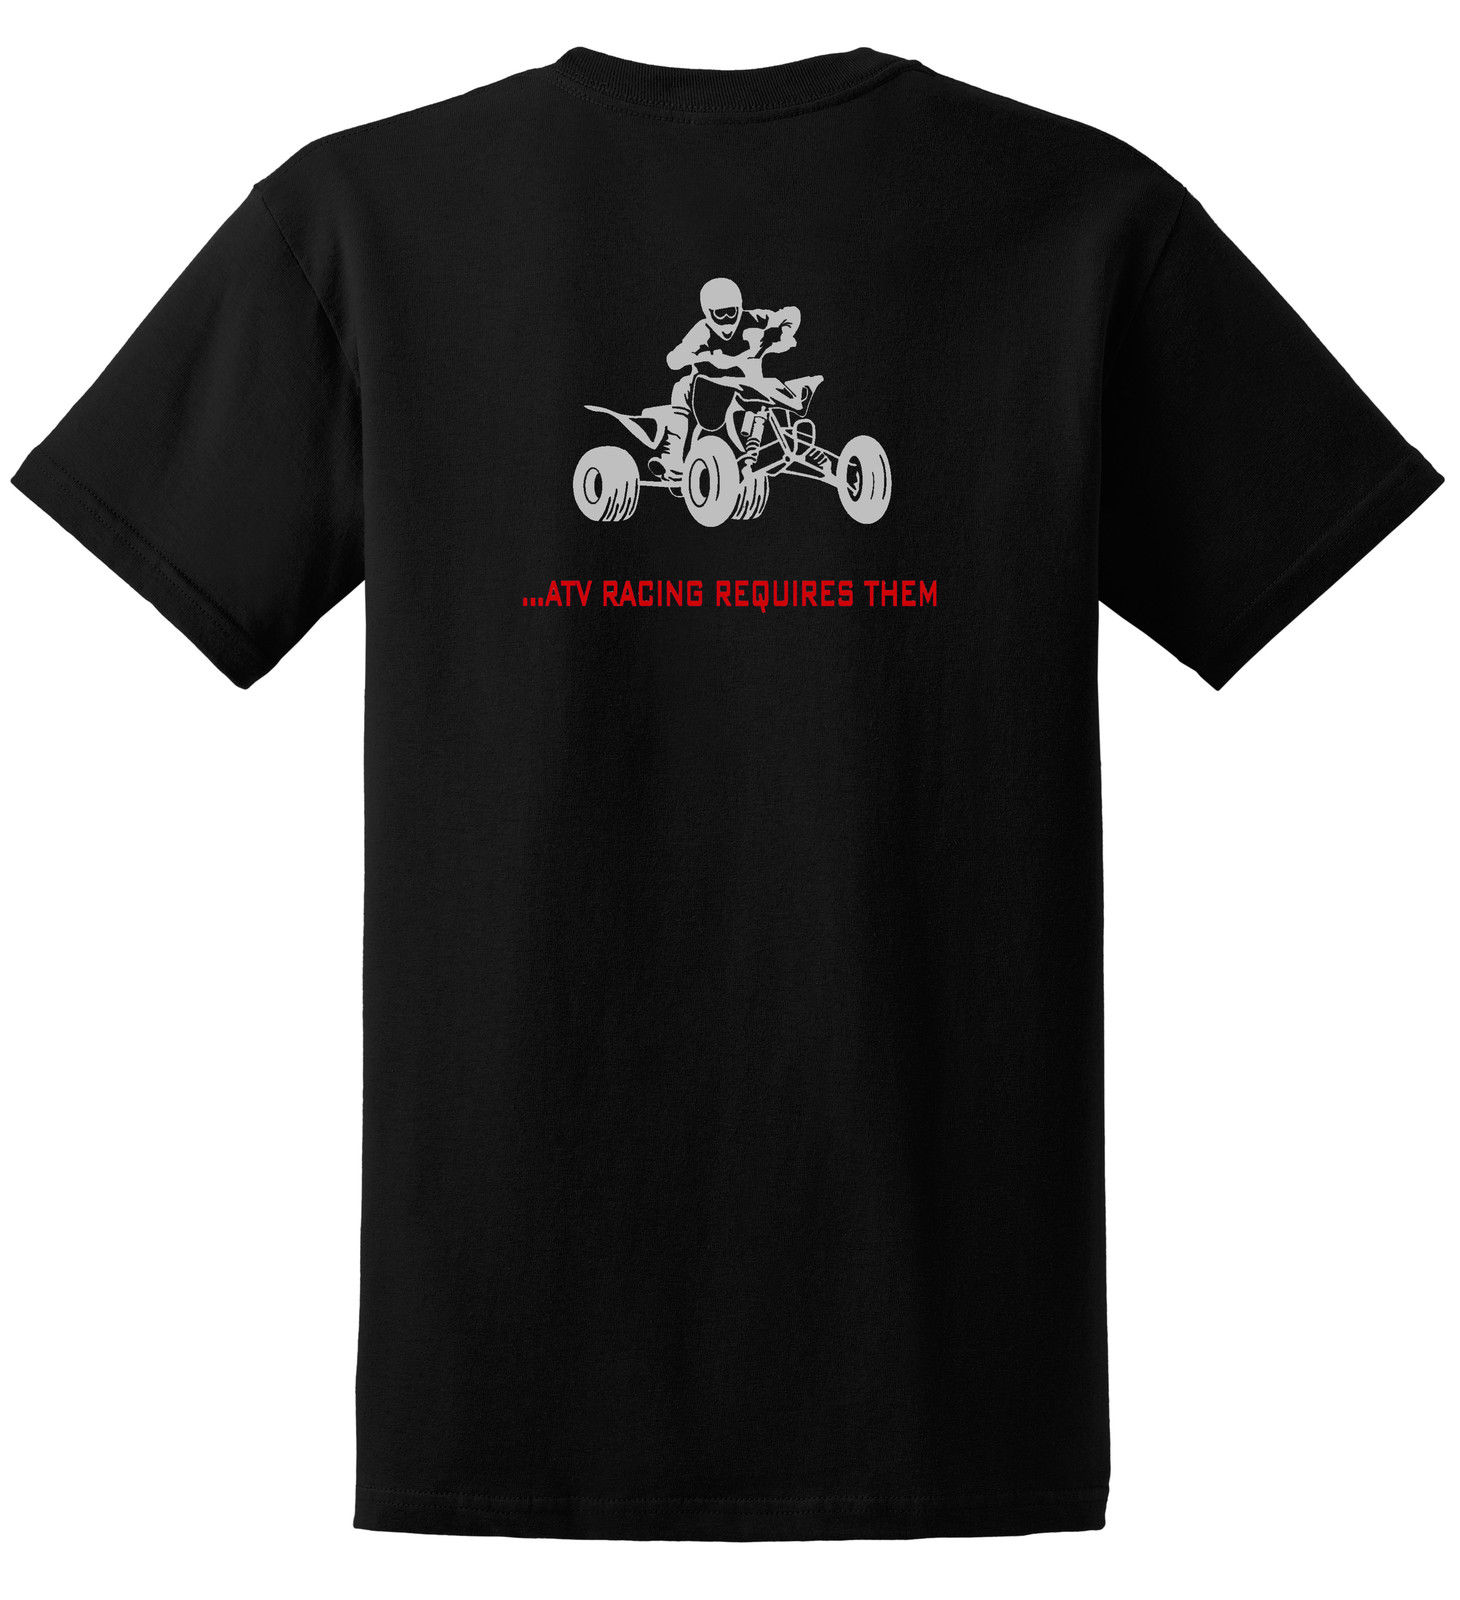 Dulce Templado 2019 Nuevo Verano Fresco Tee Camisa Atv Carreras Requiere Bolas Sólo Montar T Camisa Quad Yfz 450 Fourtrax 4 Wheeler Camiseta De Algodón Compra Ahora